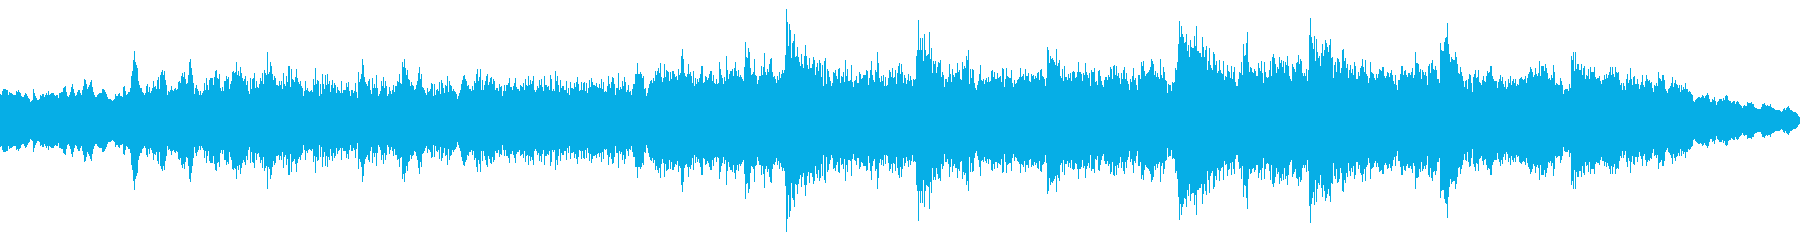 明るく陽気なシンセによる抽象的な電...の再生済みの波形